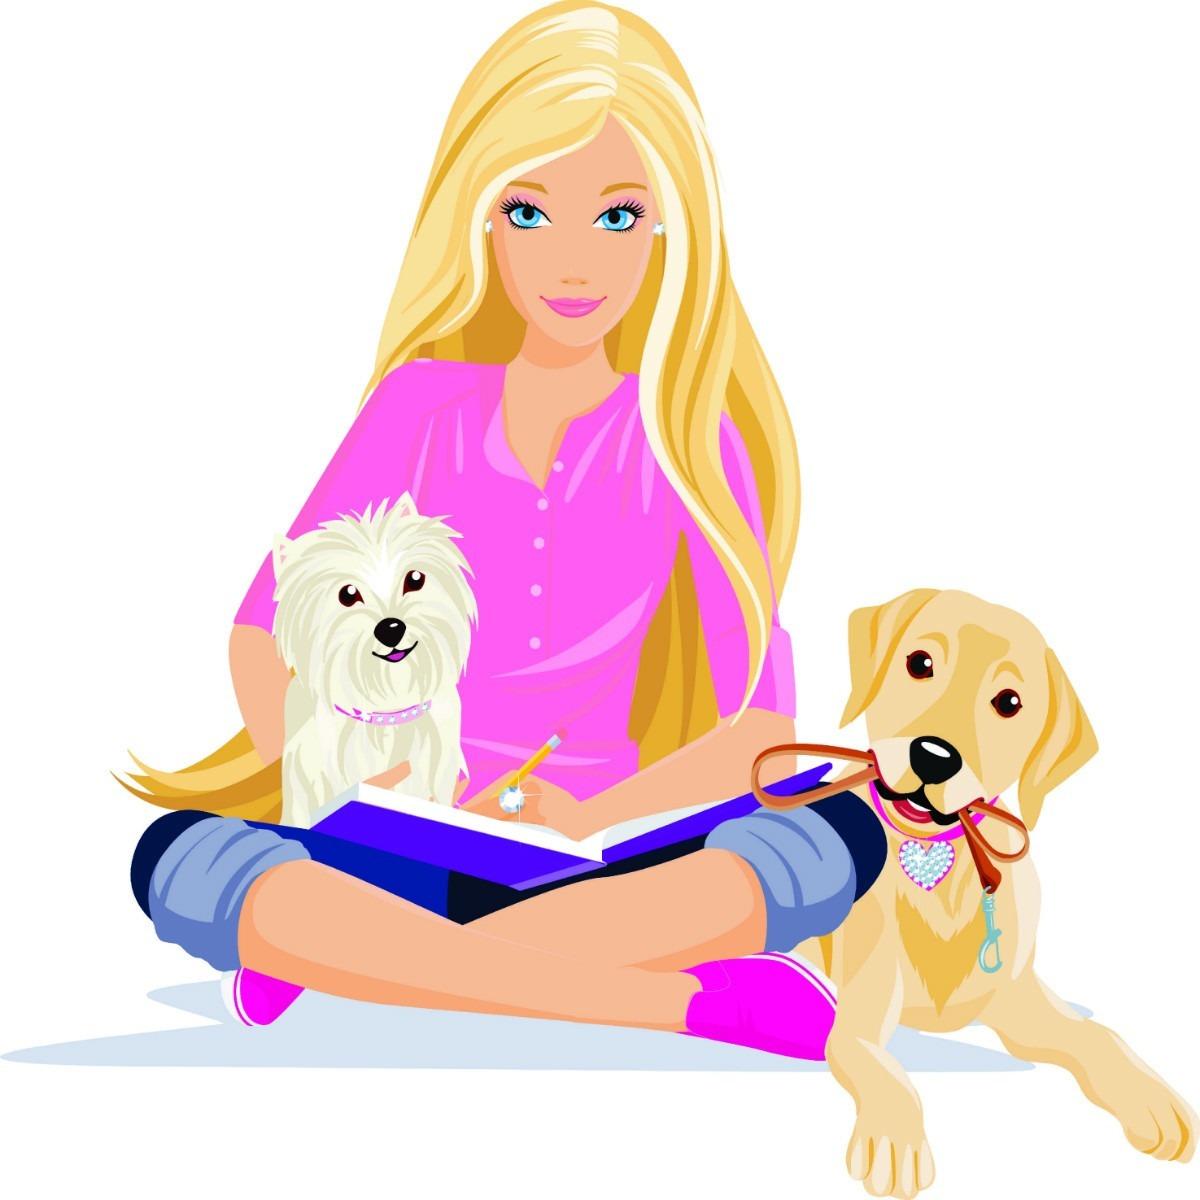 Pin Fazemos Adesivos Impressos E Recortados Em Diversos Formatos Times  #C605B3 1200x1200 Banheiro Da Barbie Mercadolivre